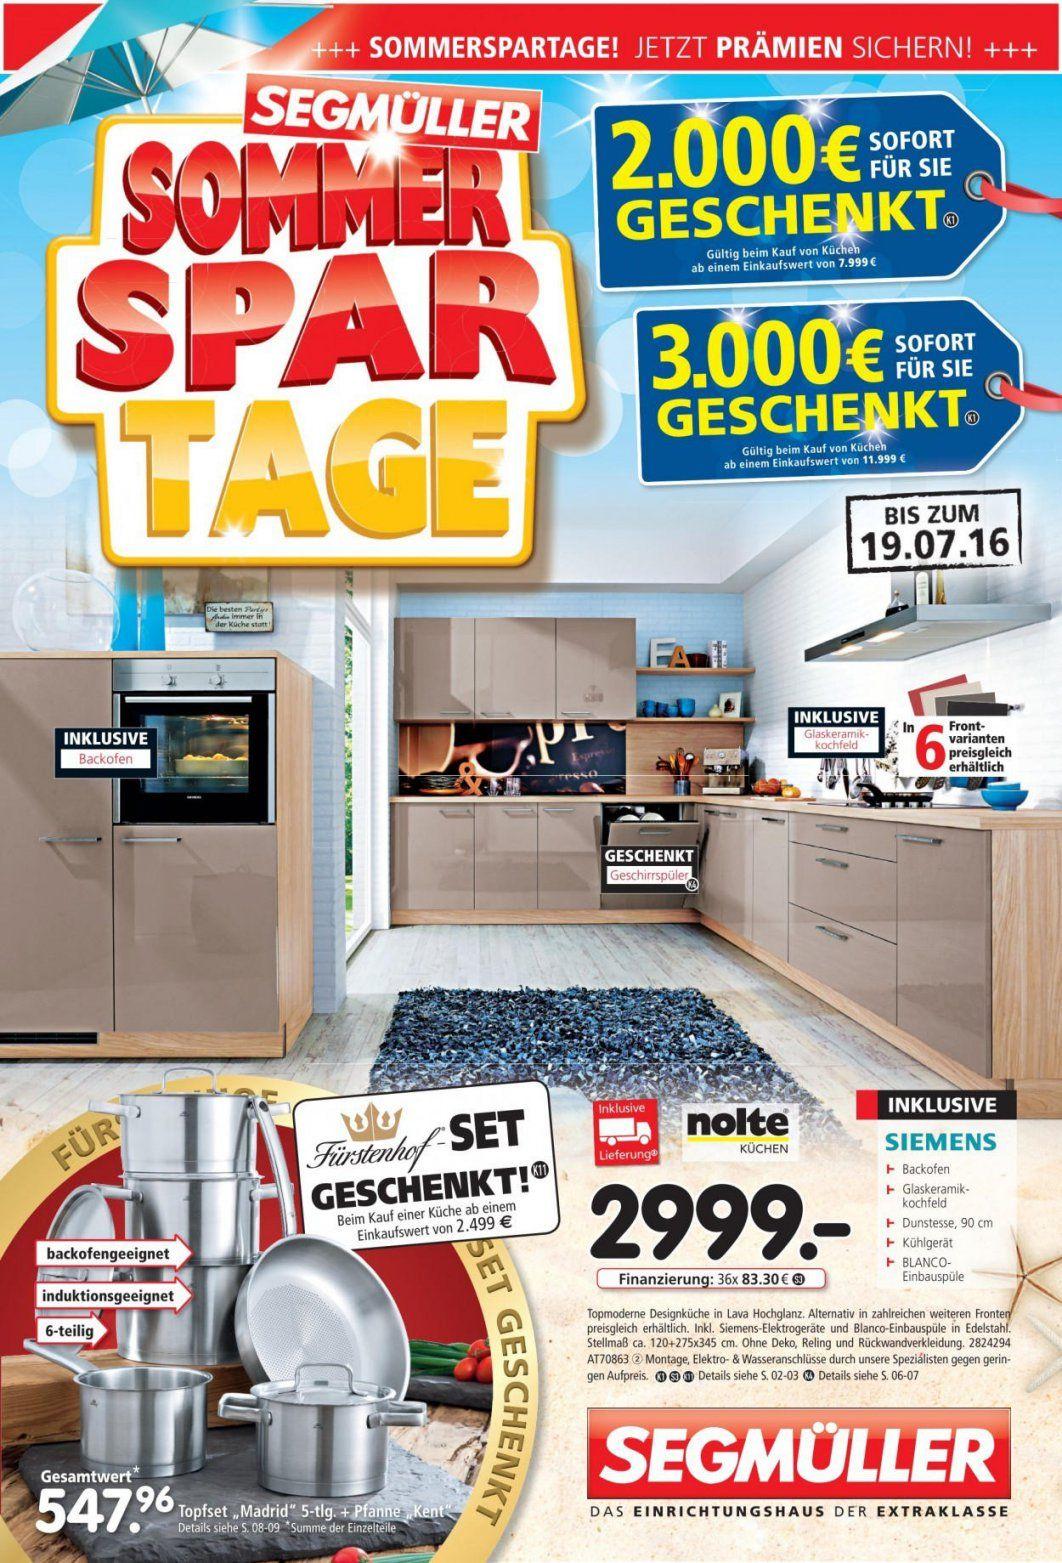 Segmüller Weiterstadt Verkaufsoffener Sonntag Mit 1 Und Segmuller von Segmüller Weiterstadt Verkaufsoffener Sonntag Photo